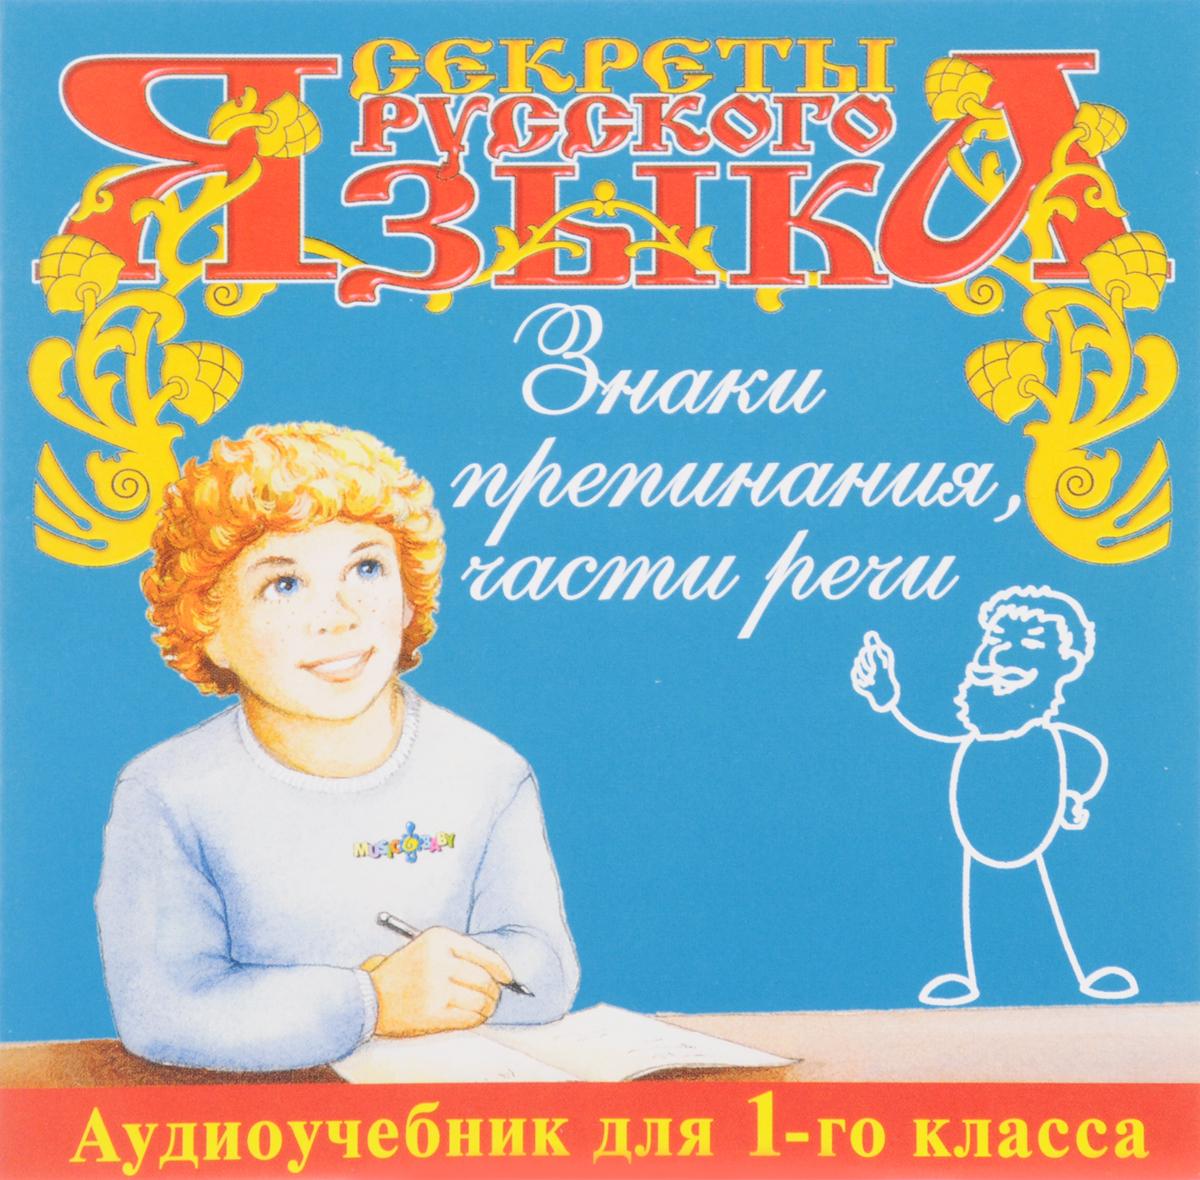 Секреты русского языка. 1 класс. Часть 3. Знаки препинания, части речи (аудиокнига CD)